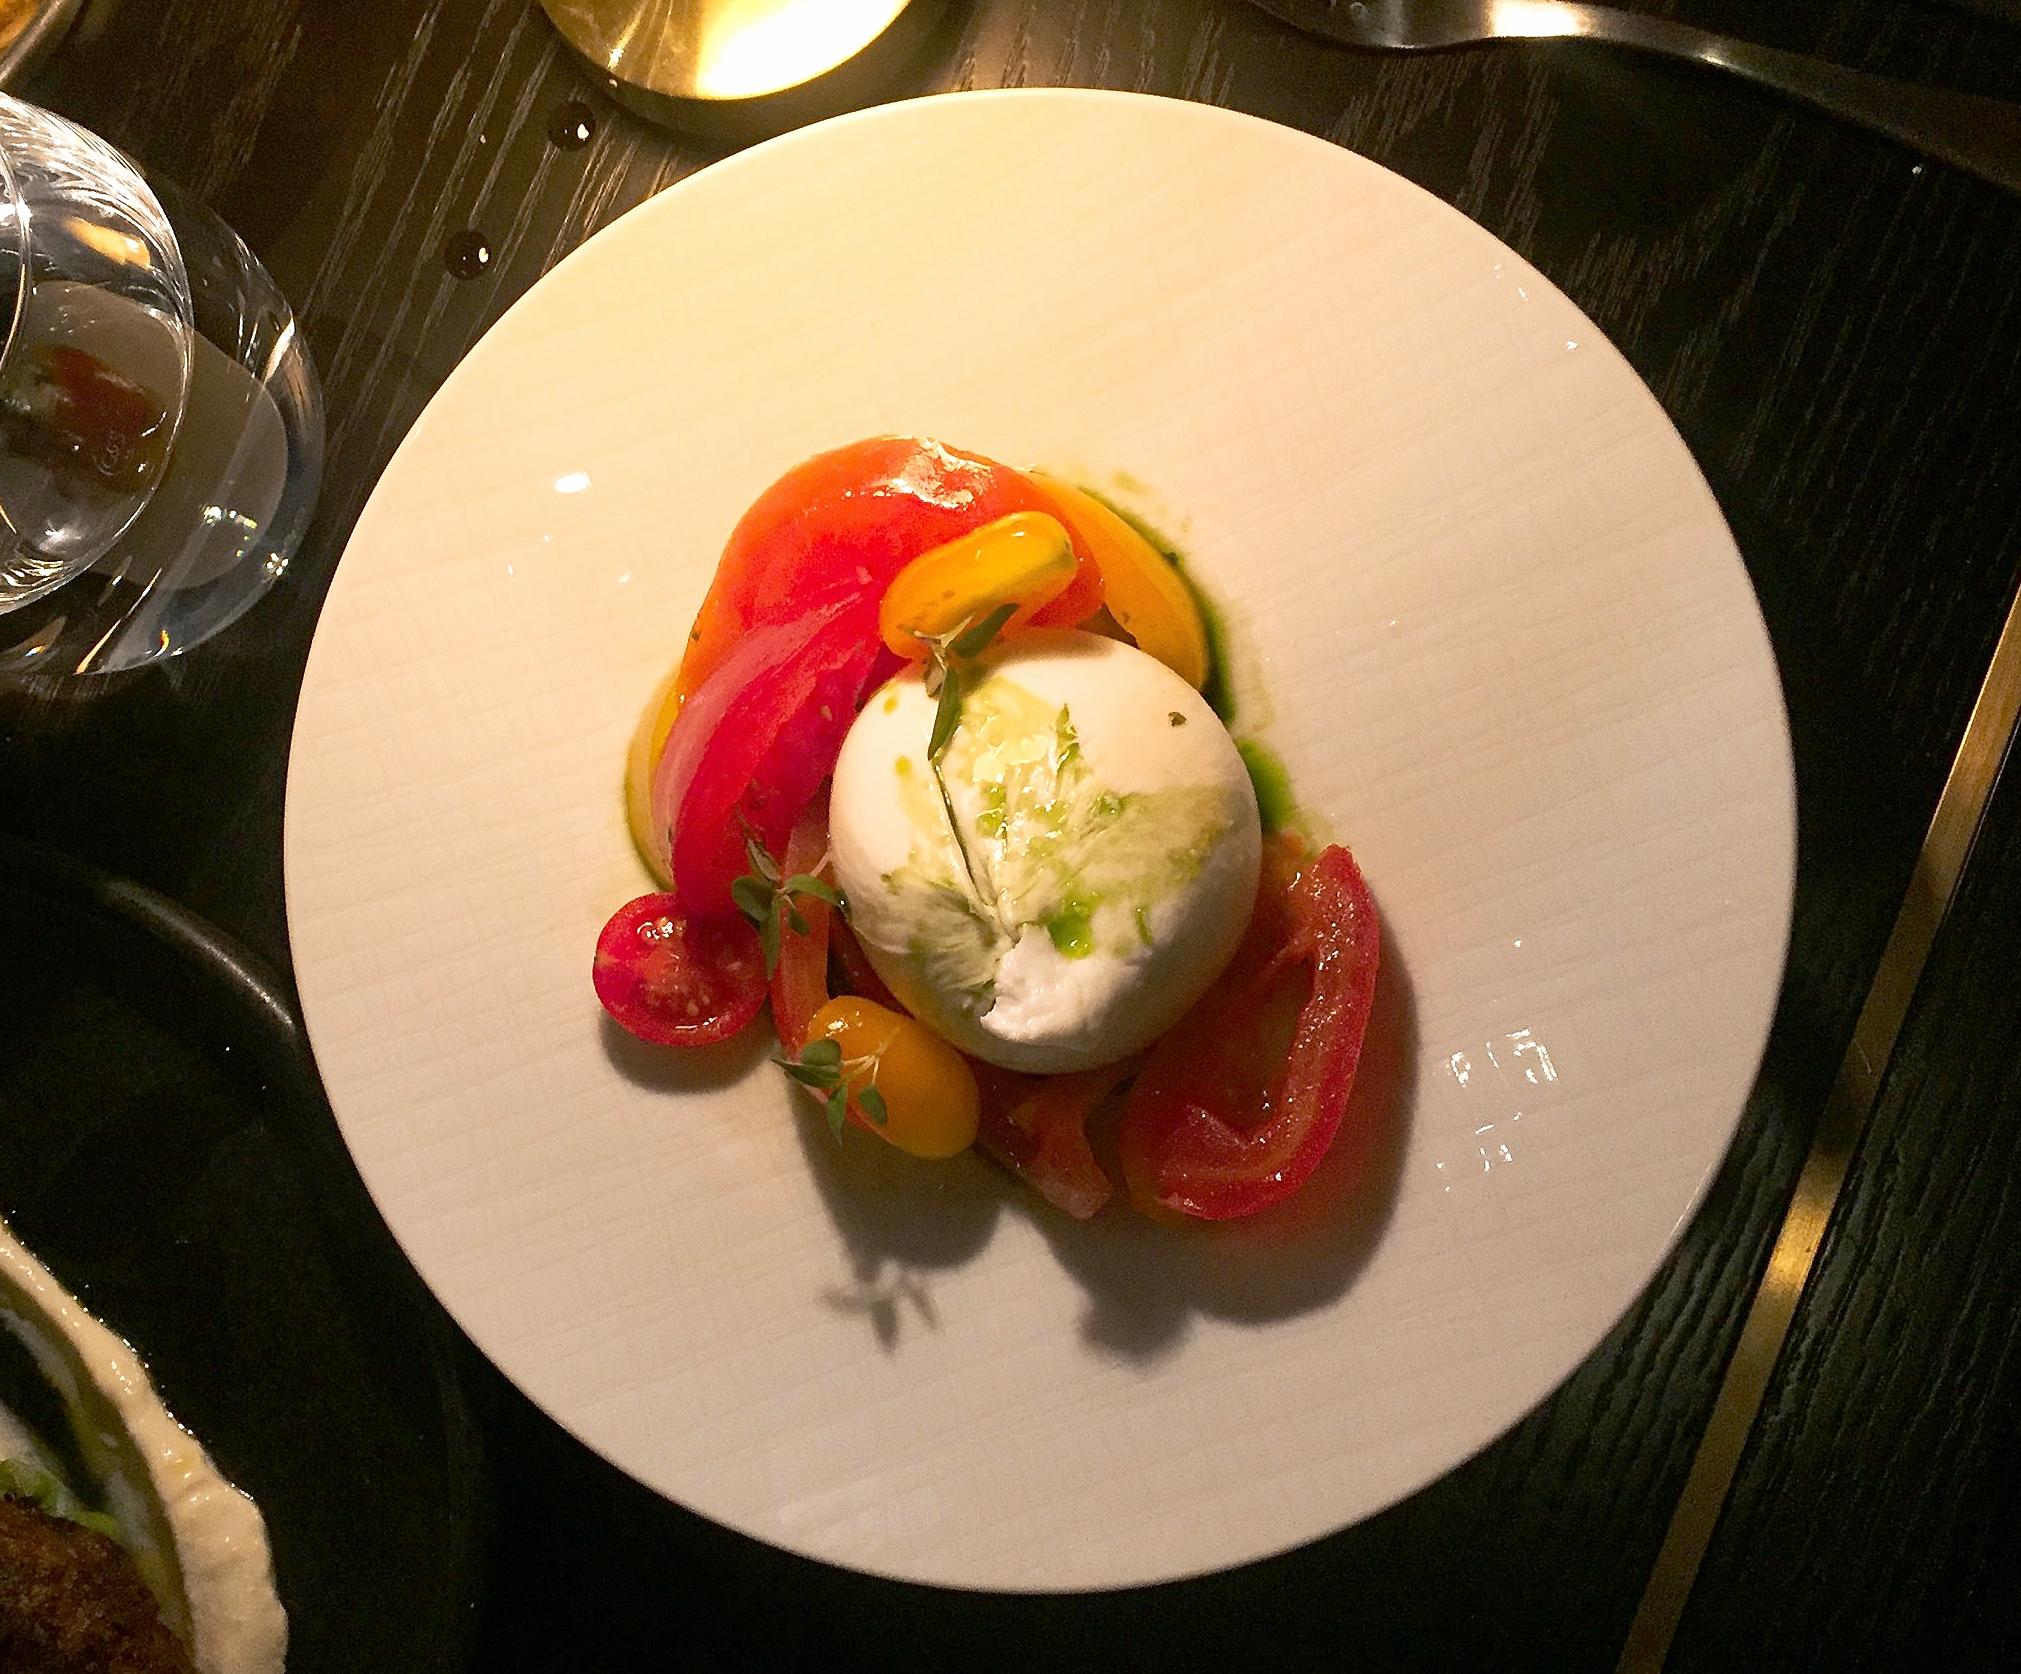 Trafalgar Dining Rooms restaurant review